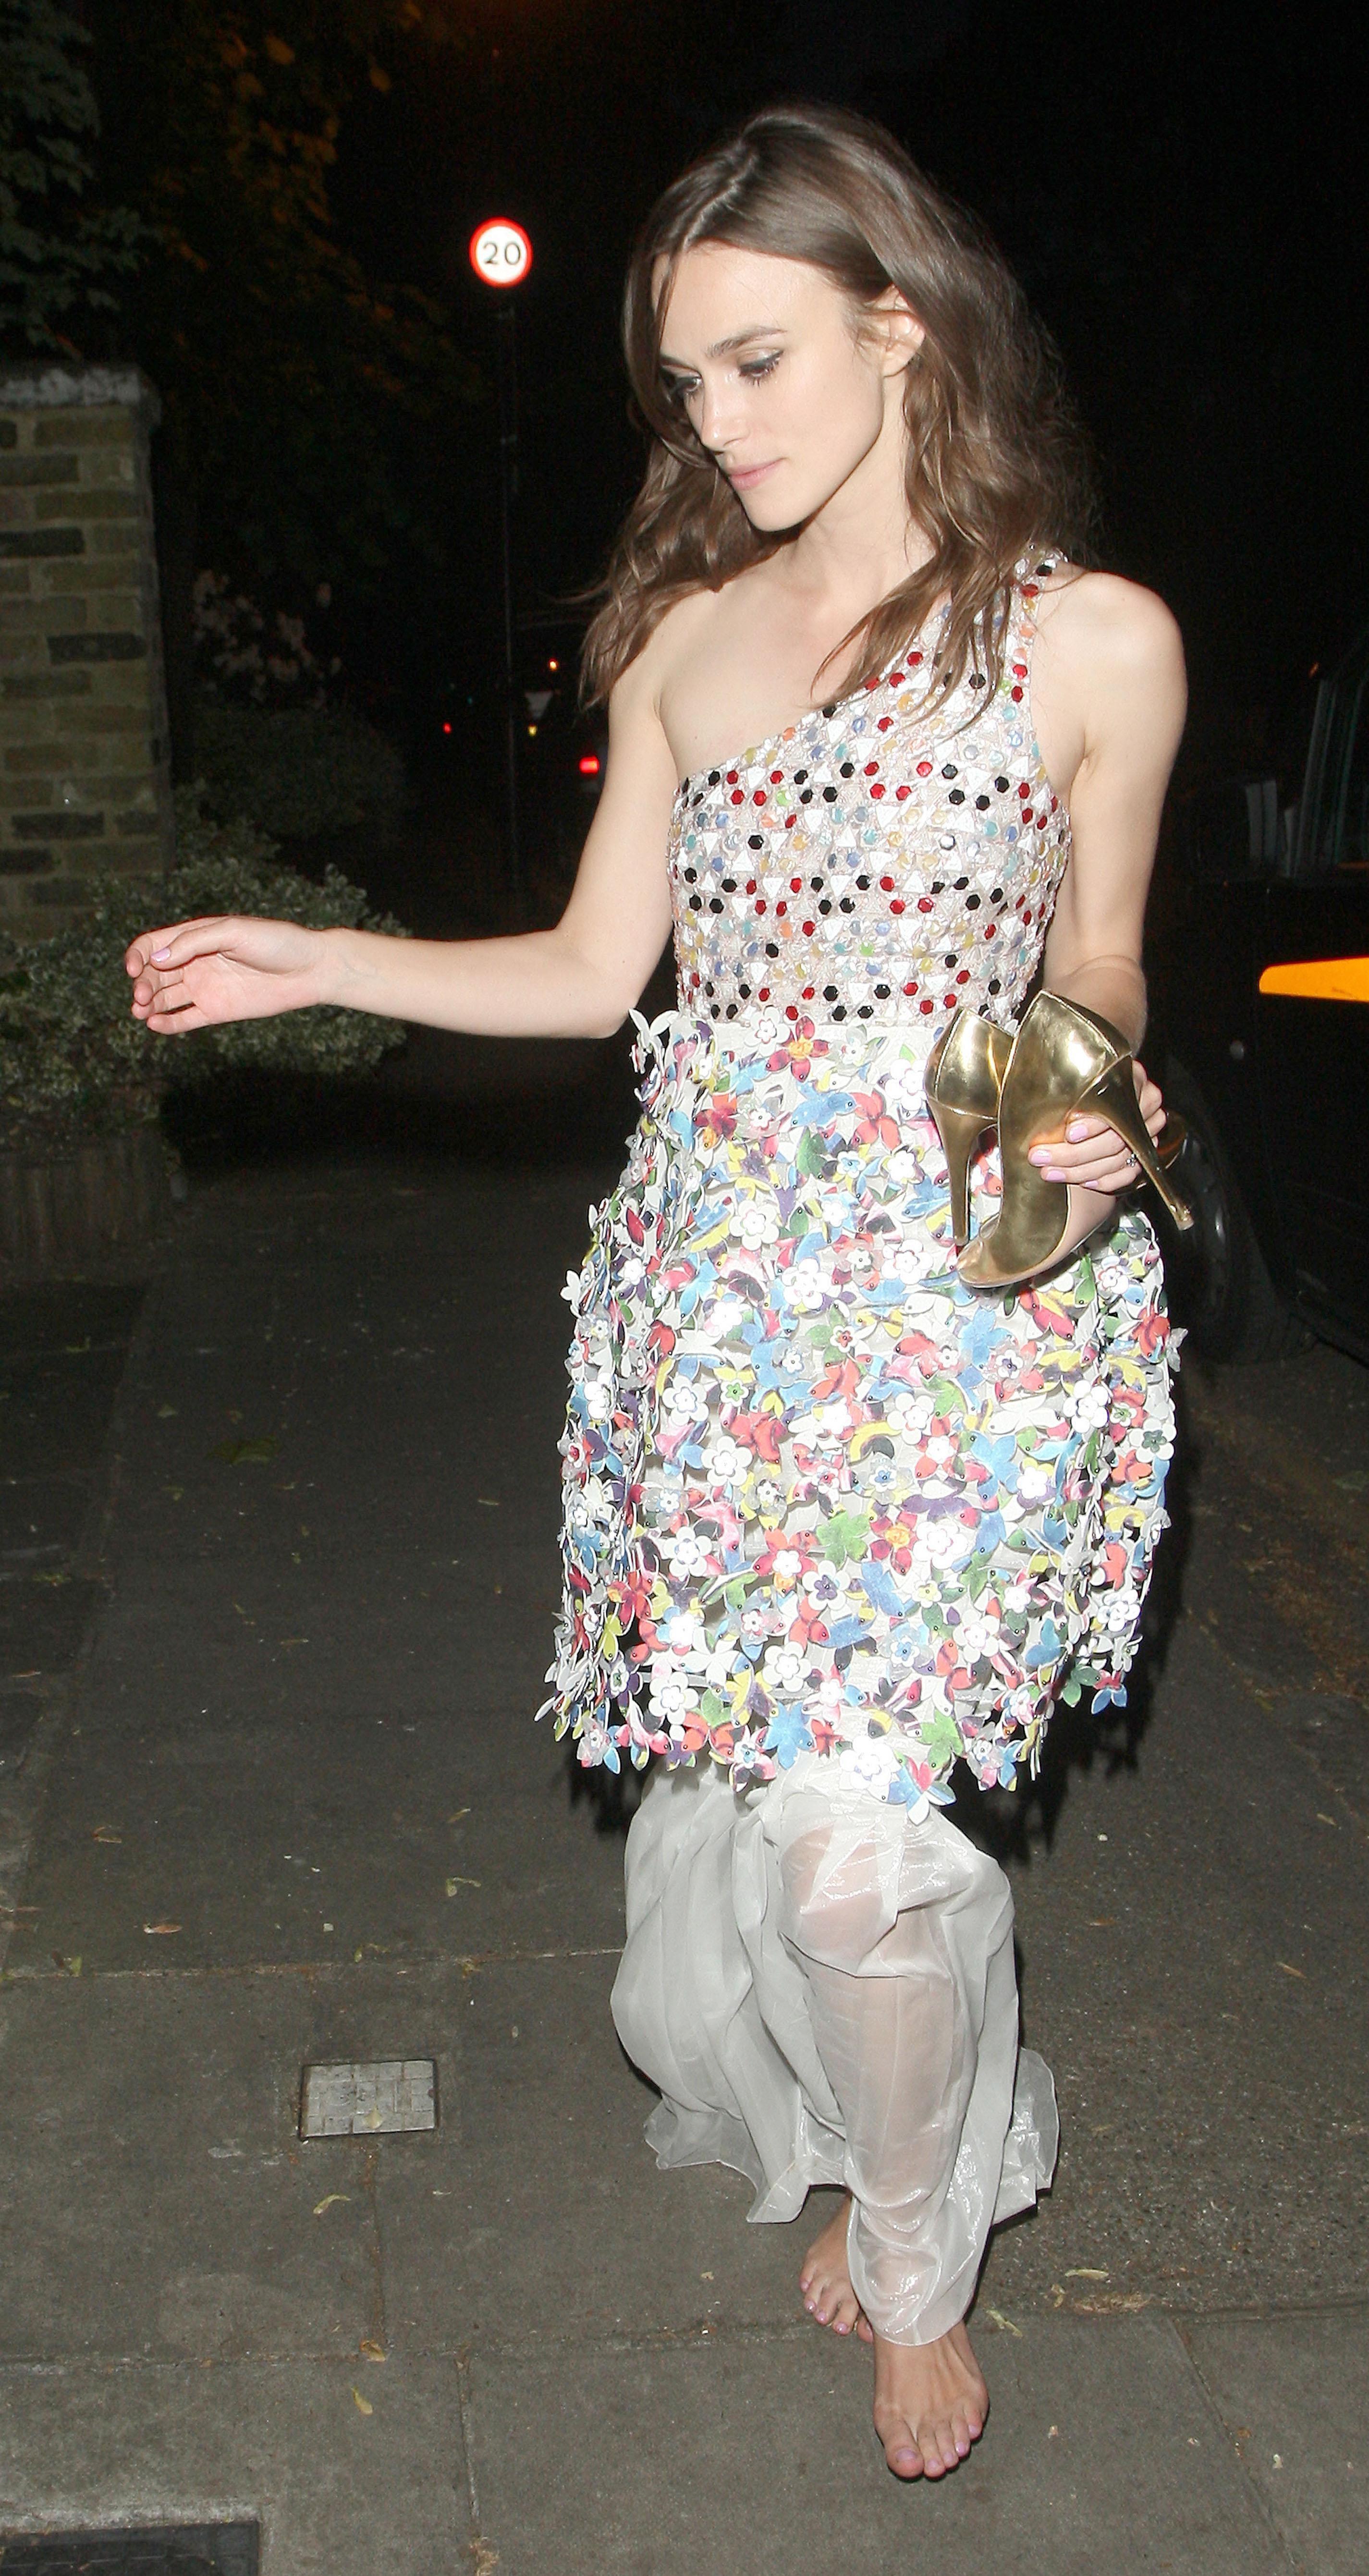 https://pics.wikifeet.com/Keira-Knightley-Feet-1385678.jpg